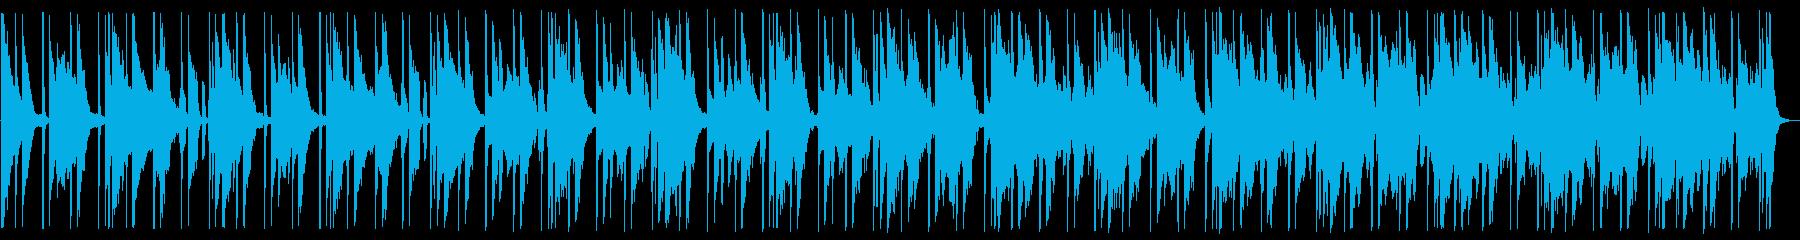 不思議/Hiphop_No479_3の再生済みの波形